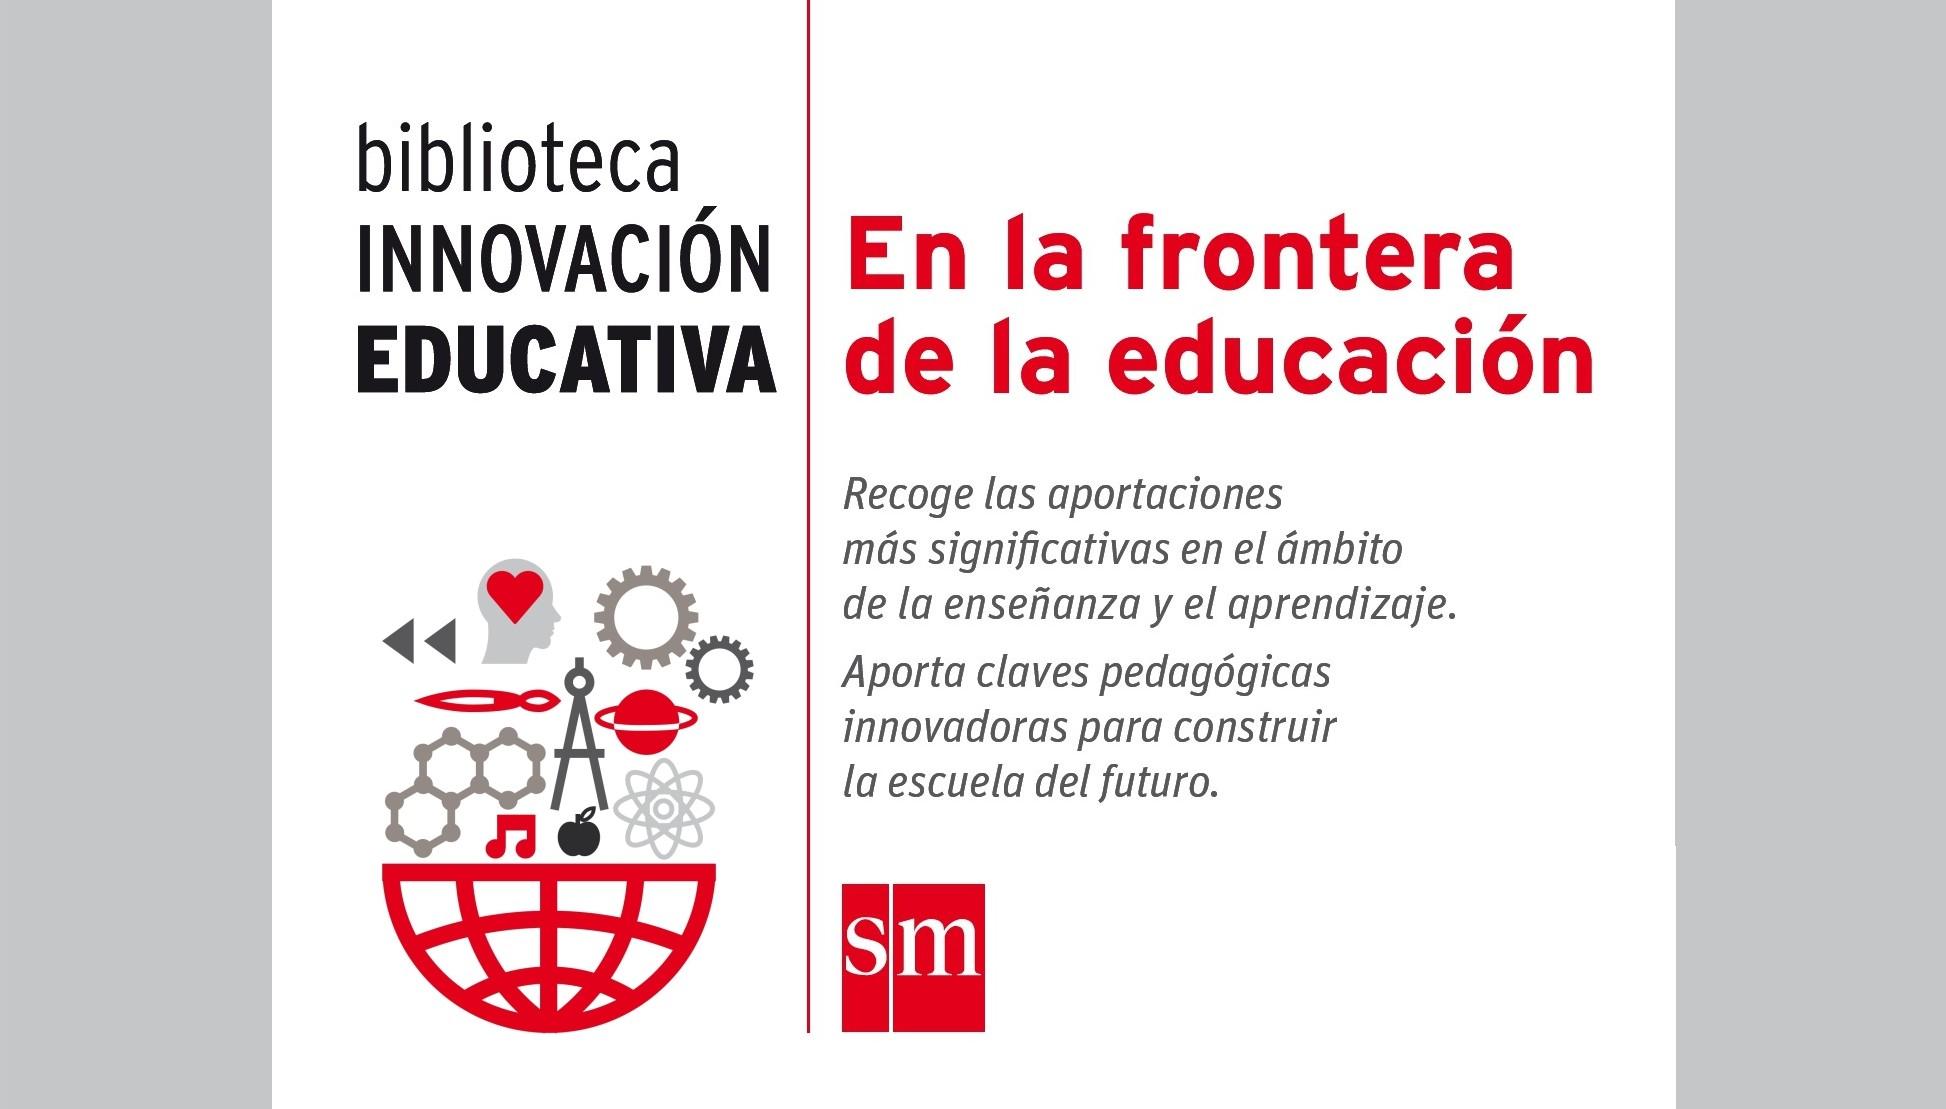 Cabecera Biblioteca Innovación Educativa